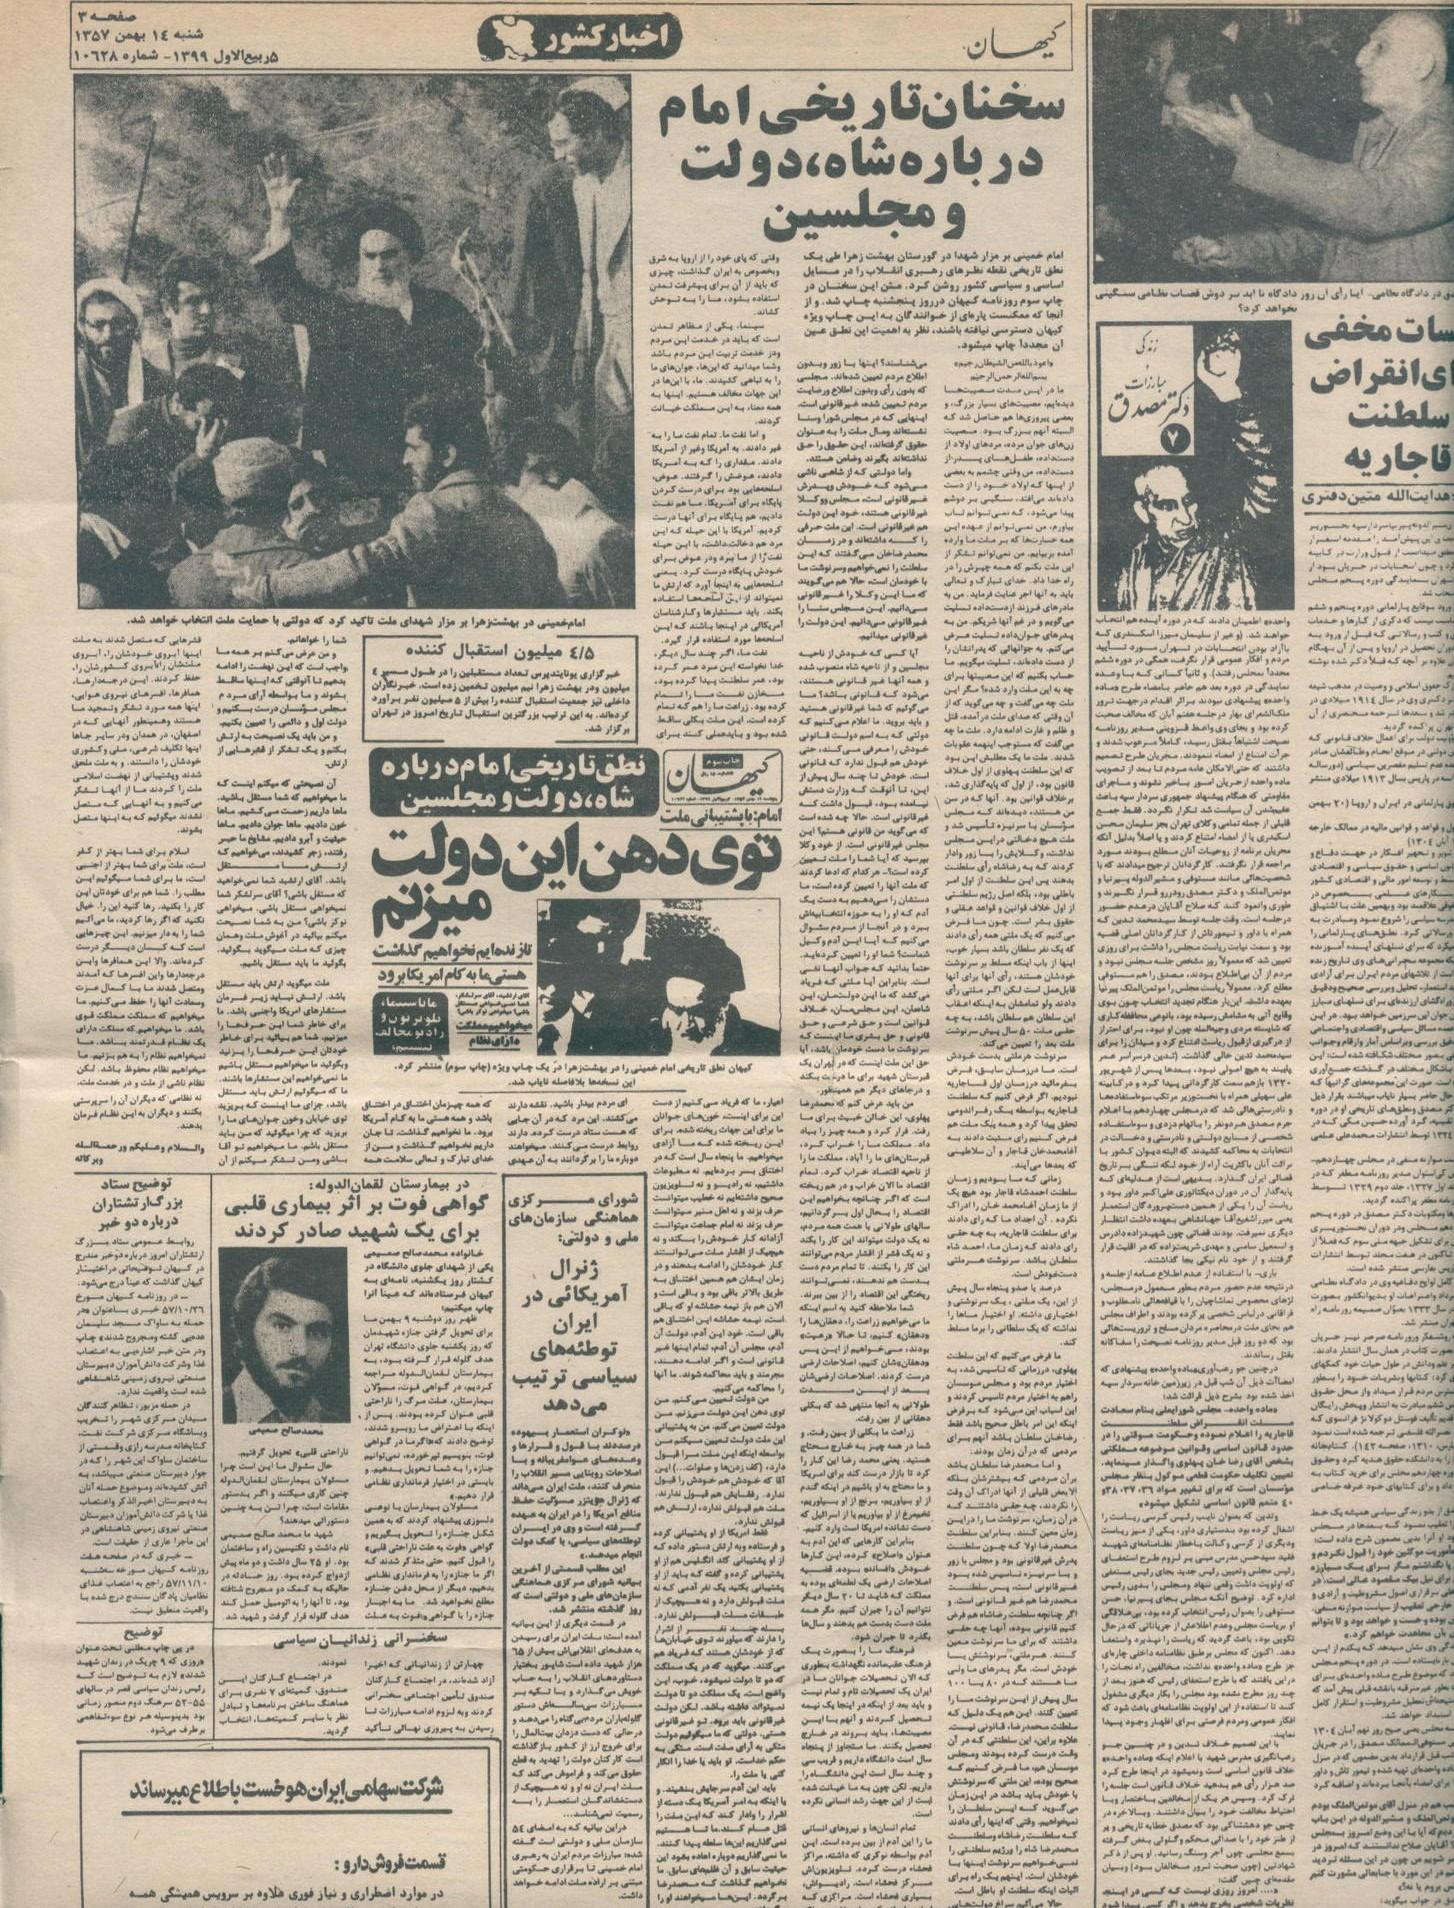 سخنان تاریخی امام درباره شاه، دولت و مجلسین